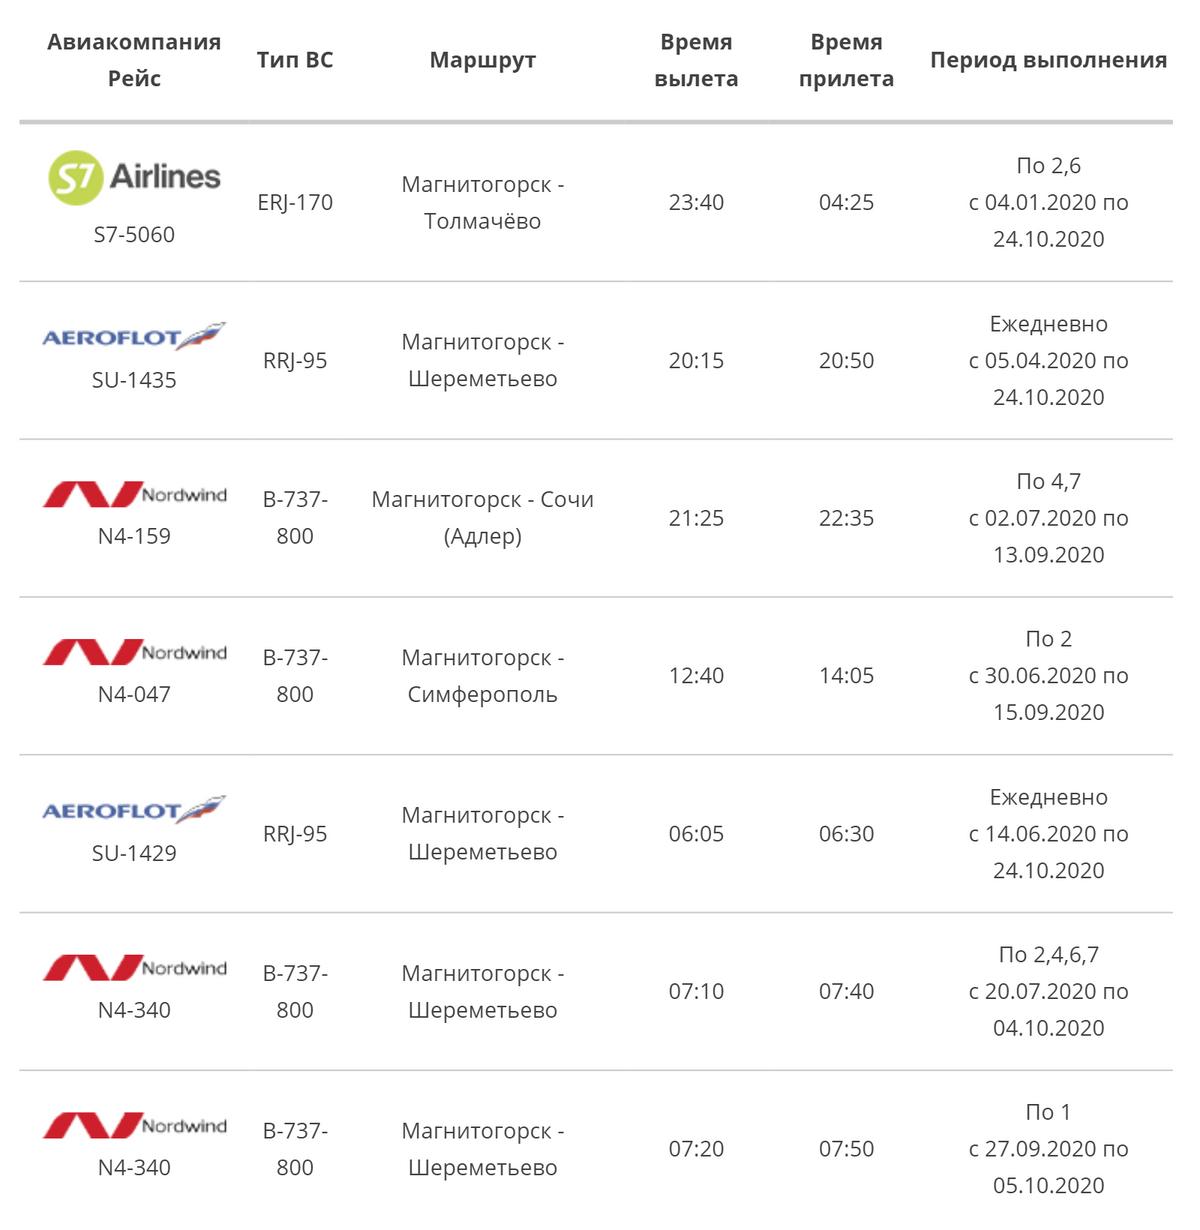 Расписание внутренних авиарейсов на сайте аэропорта Магнитогорска